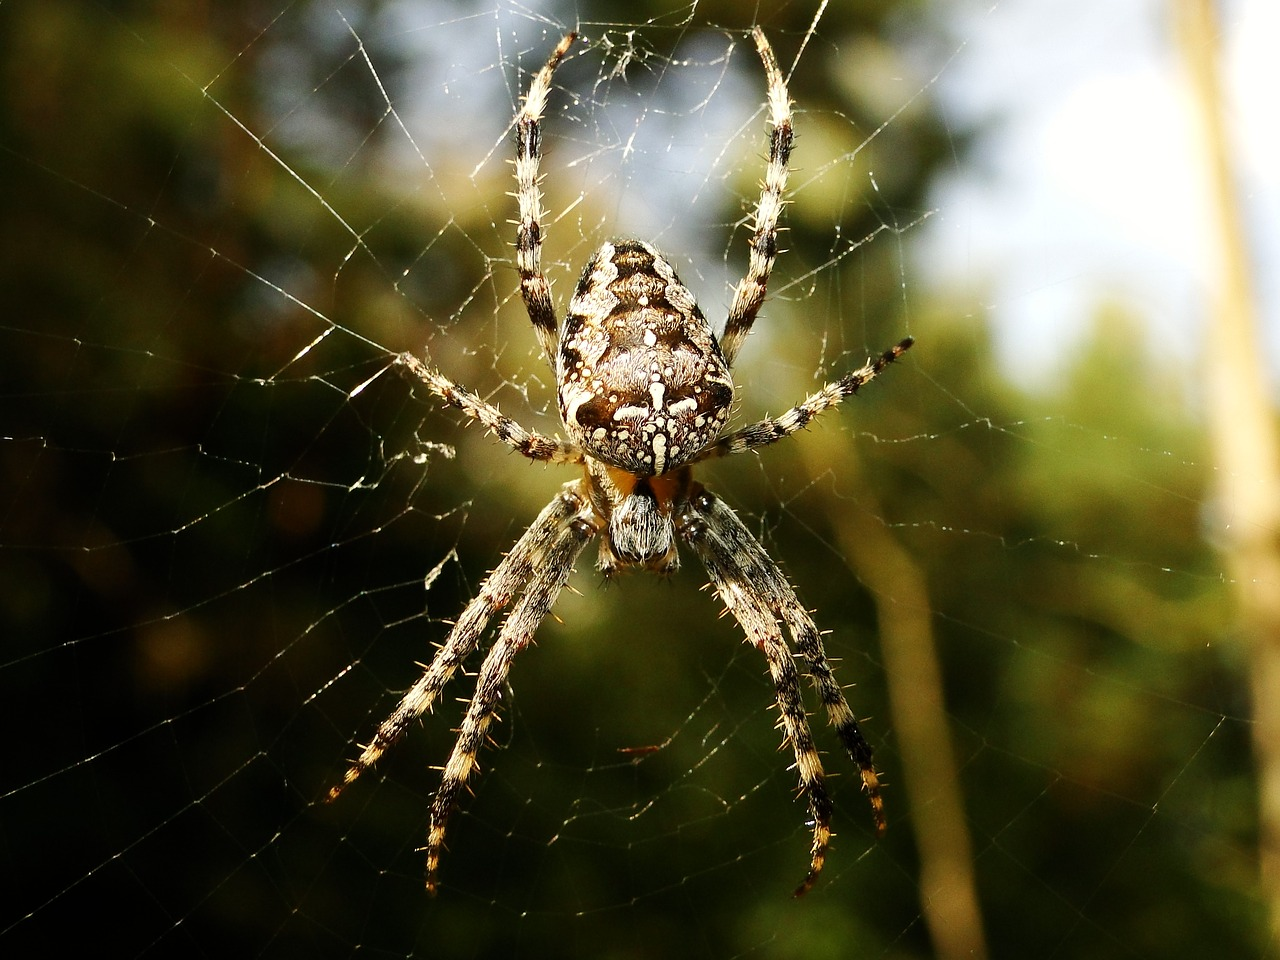 Виды домашних пауков – фото, названия и описания